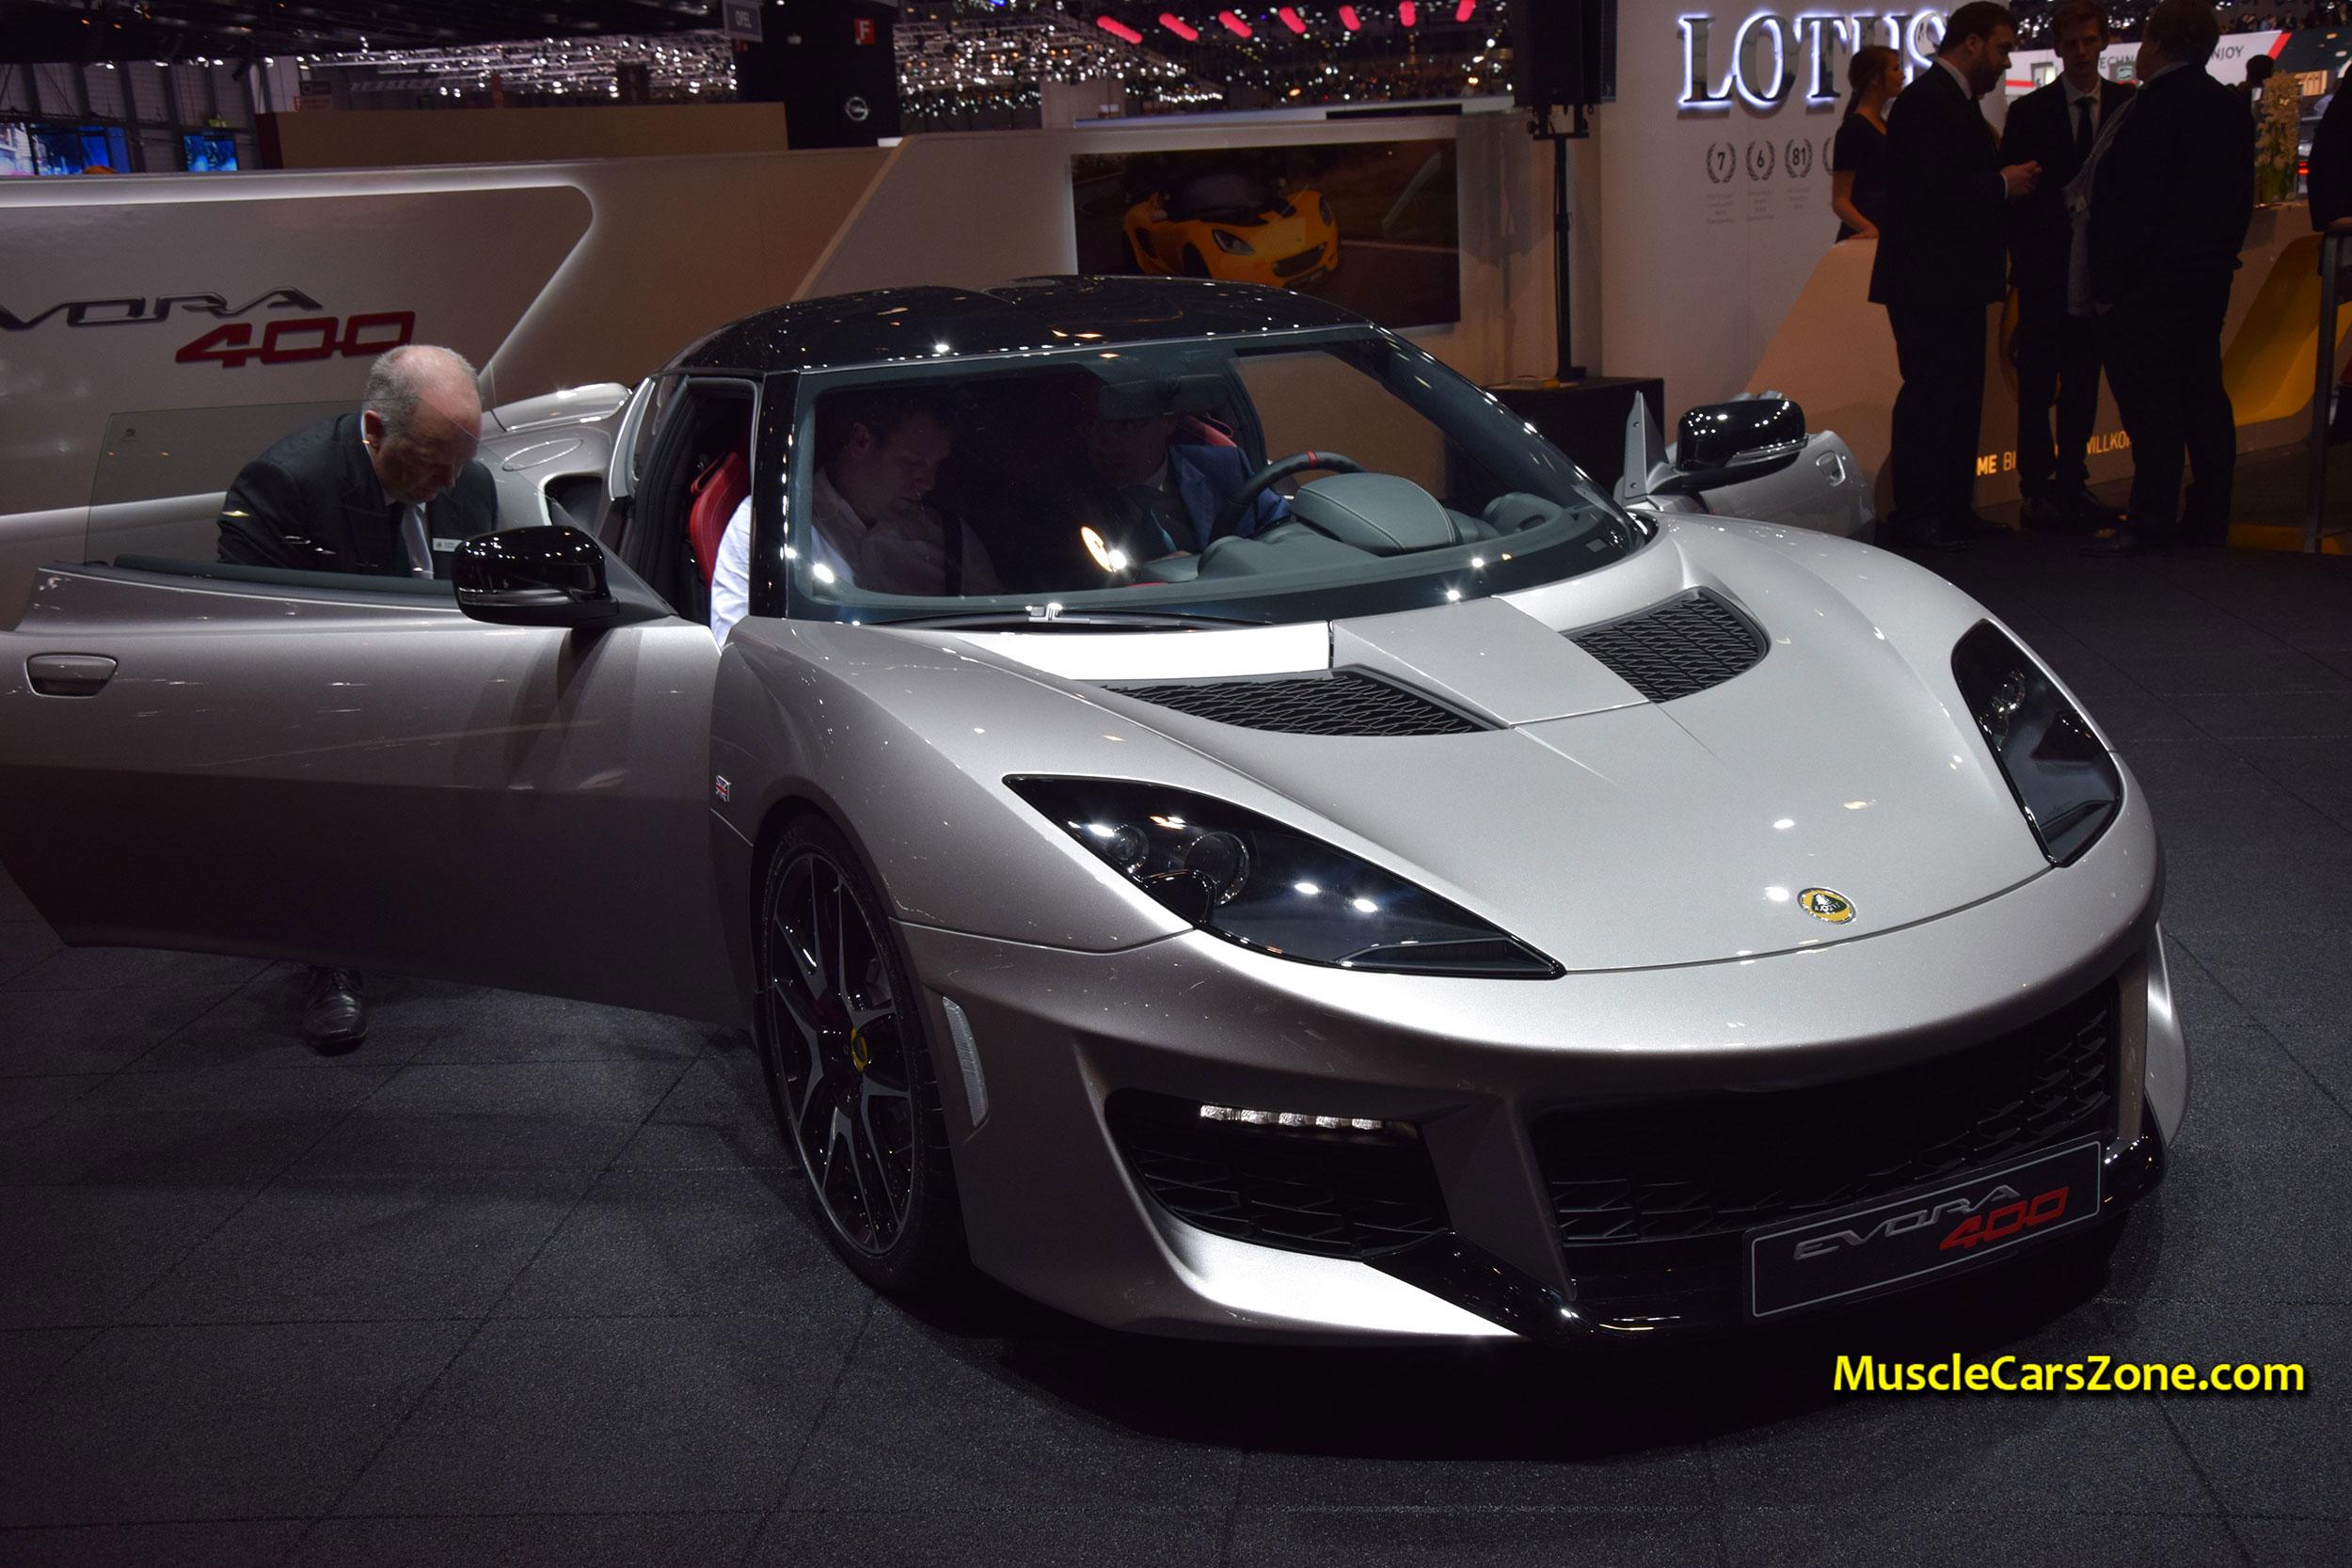 2016-Lotus-Evora-400-03---2015-Geneva-Motor-Show.JPG